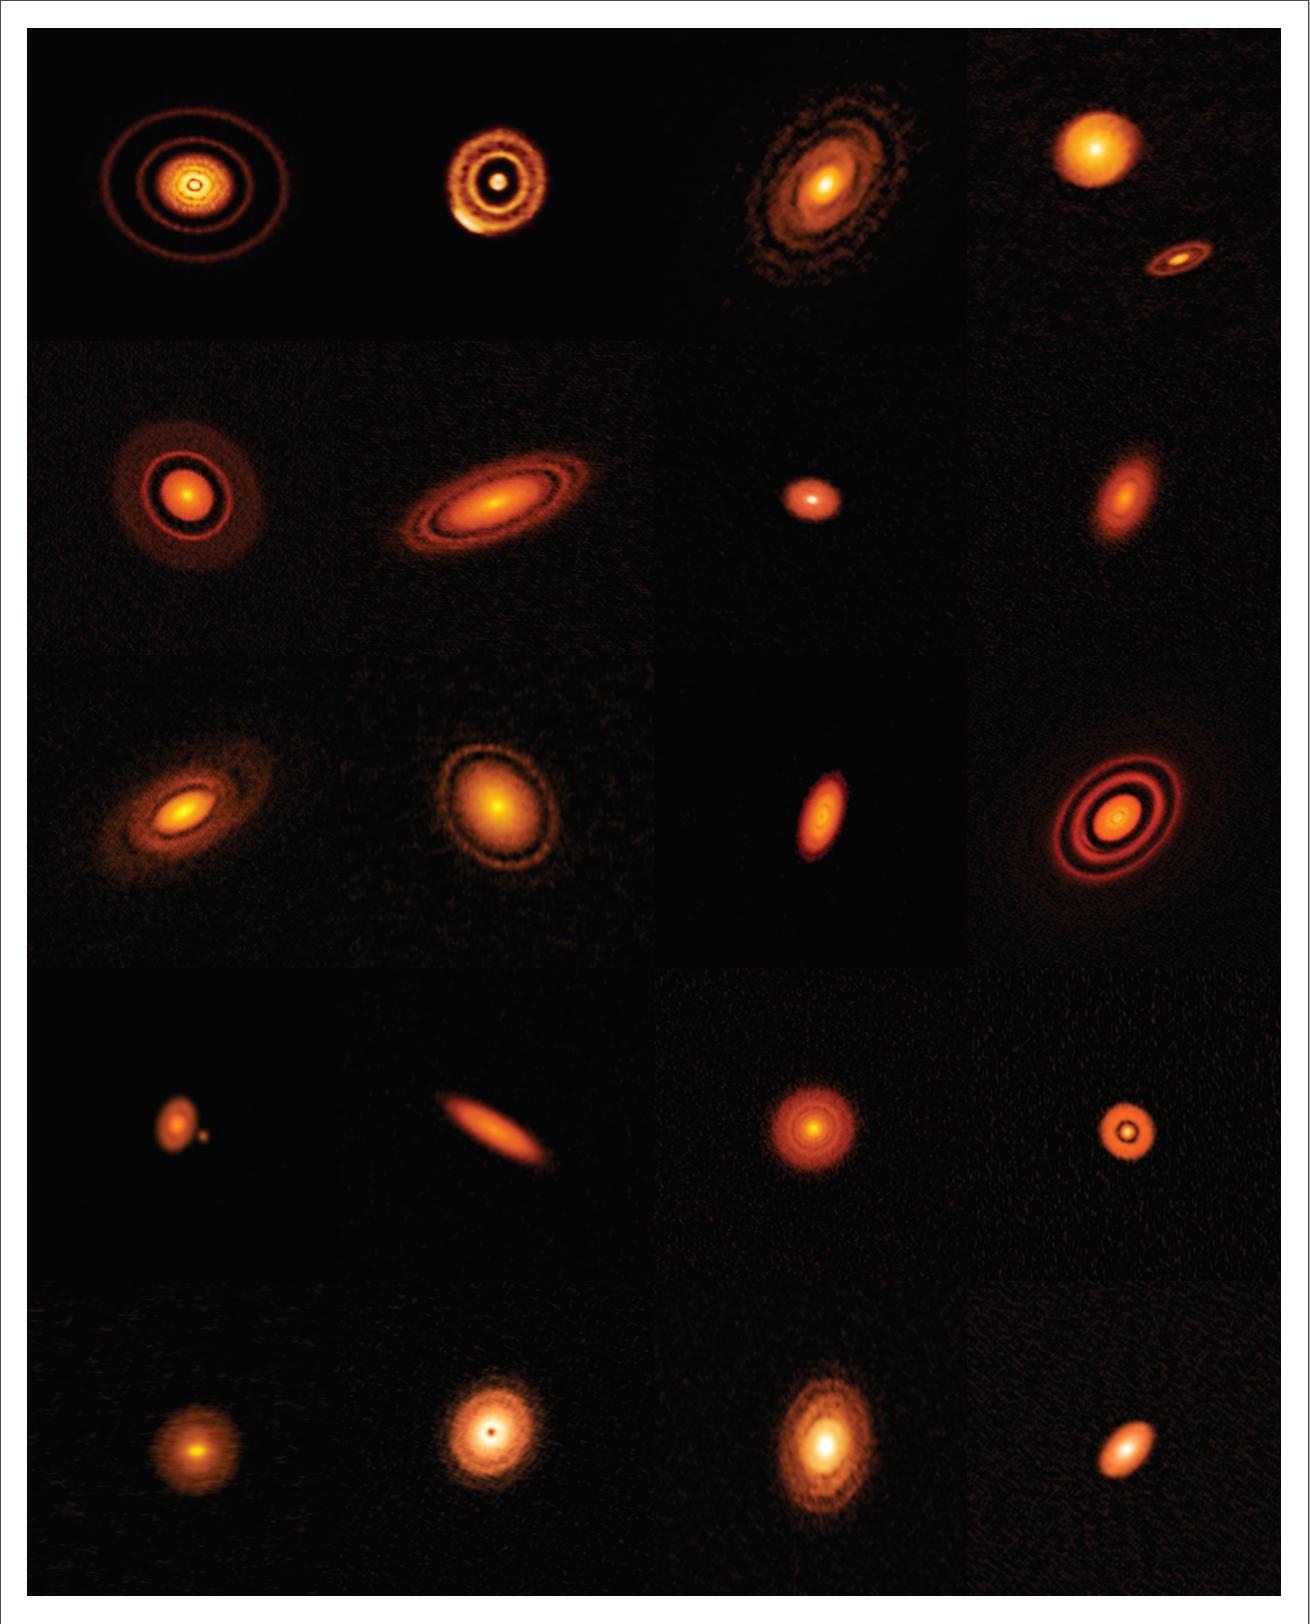 Рис. 3. На всех примерно одно и то же: большее или меньшее количество круговых щелей. Есть диски со спиральными рукавами: на общем рисунке это третий в верхнем ряду и первый во втором. Это результат гравитационной неустойчивости, той же, что делает галактики спиральными. Такие рукава прекрасно воспроизводятся численным моделированием